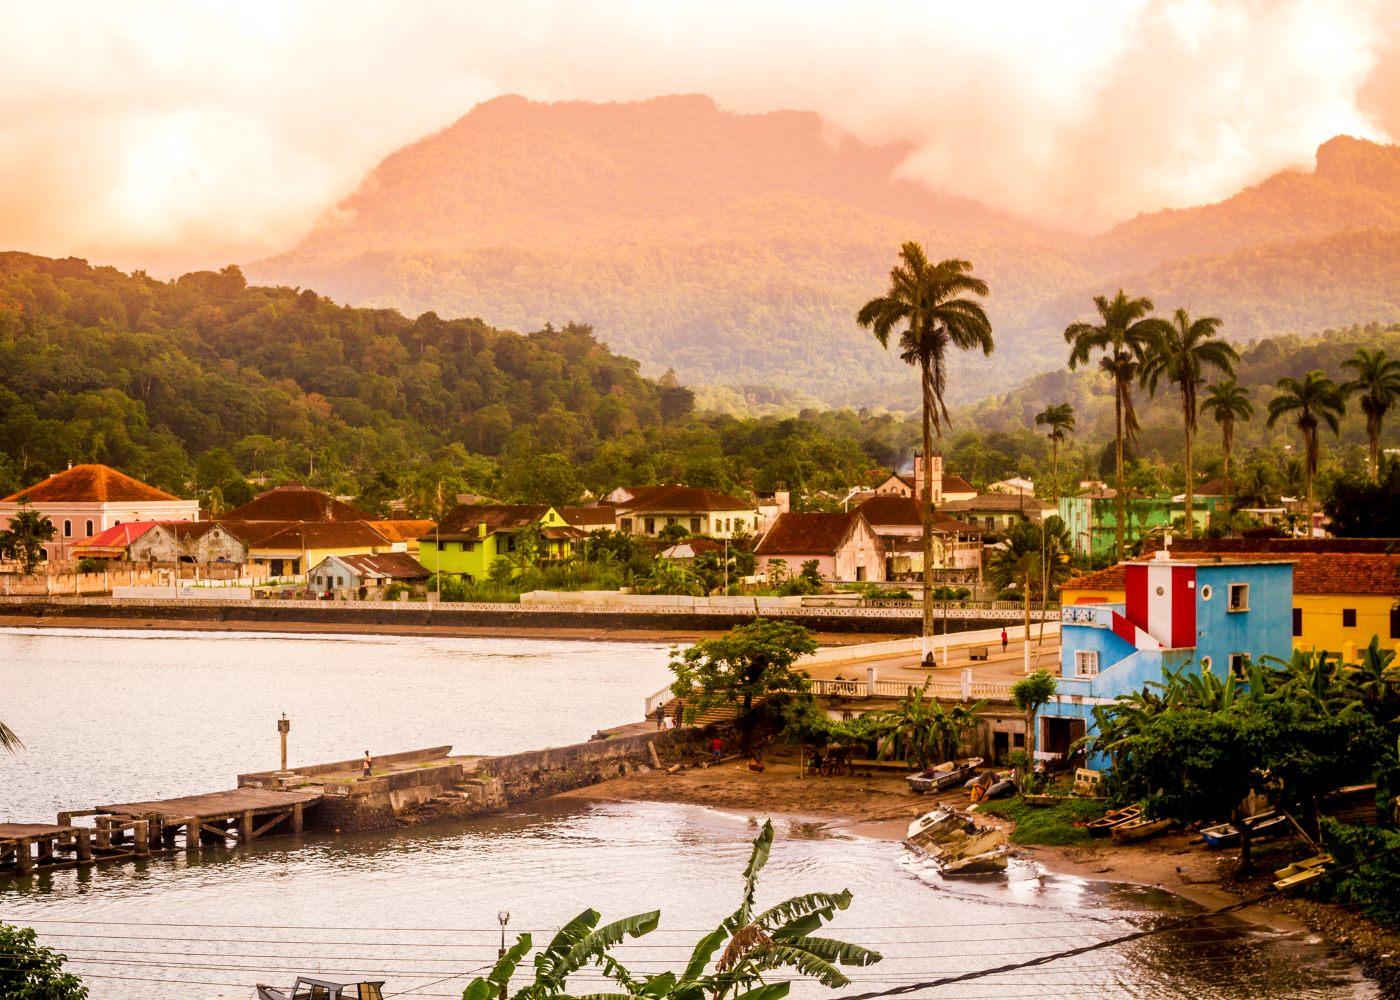 Cidade em São Tomé e Príncipe